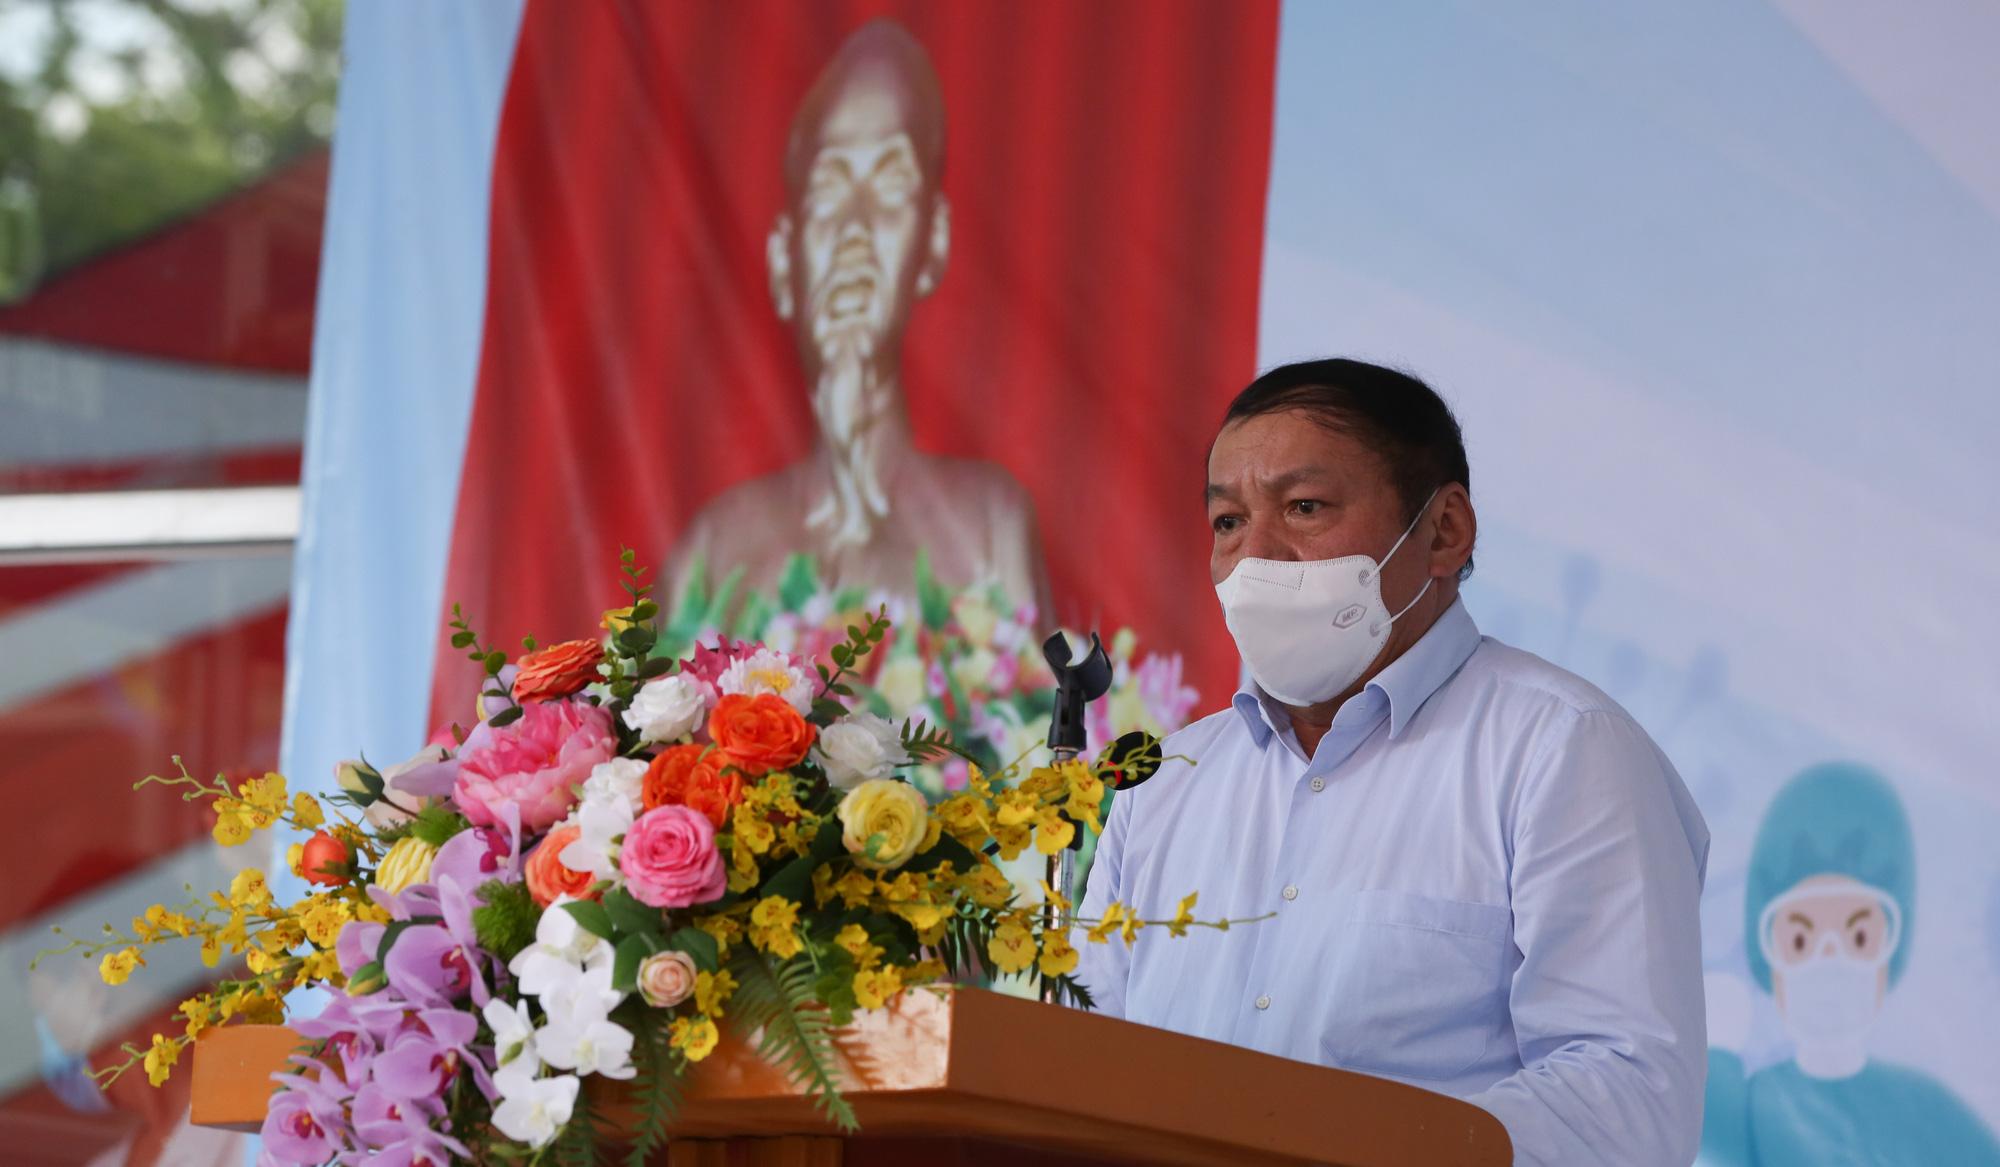 Bệnh viên Thể thao Việt Nam xuất quân tăng cường lực lượng vào miền Nam chống dịch - Ảnh 4.